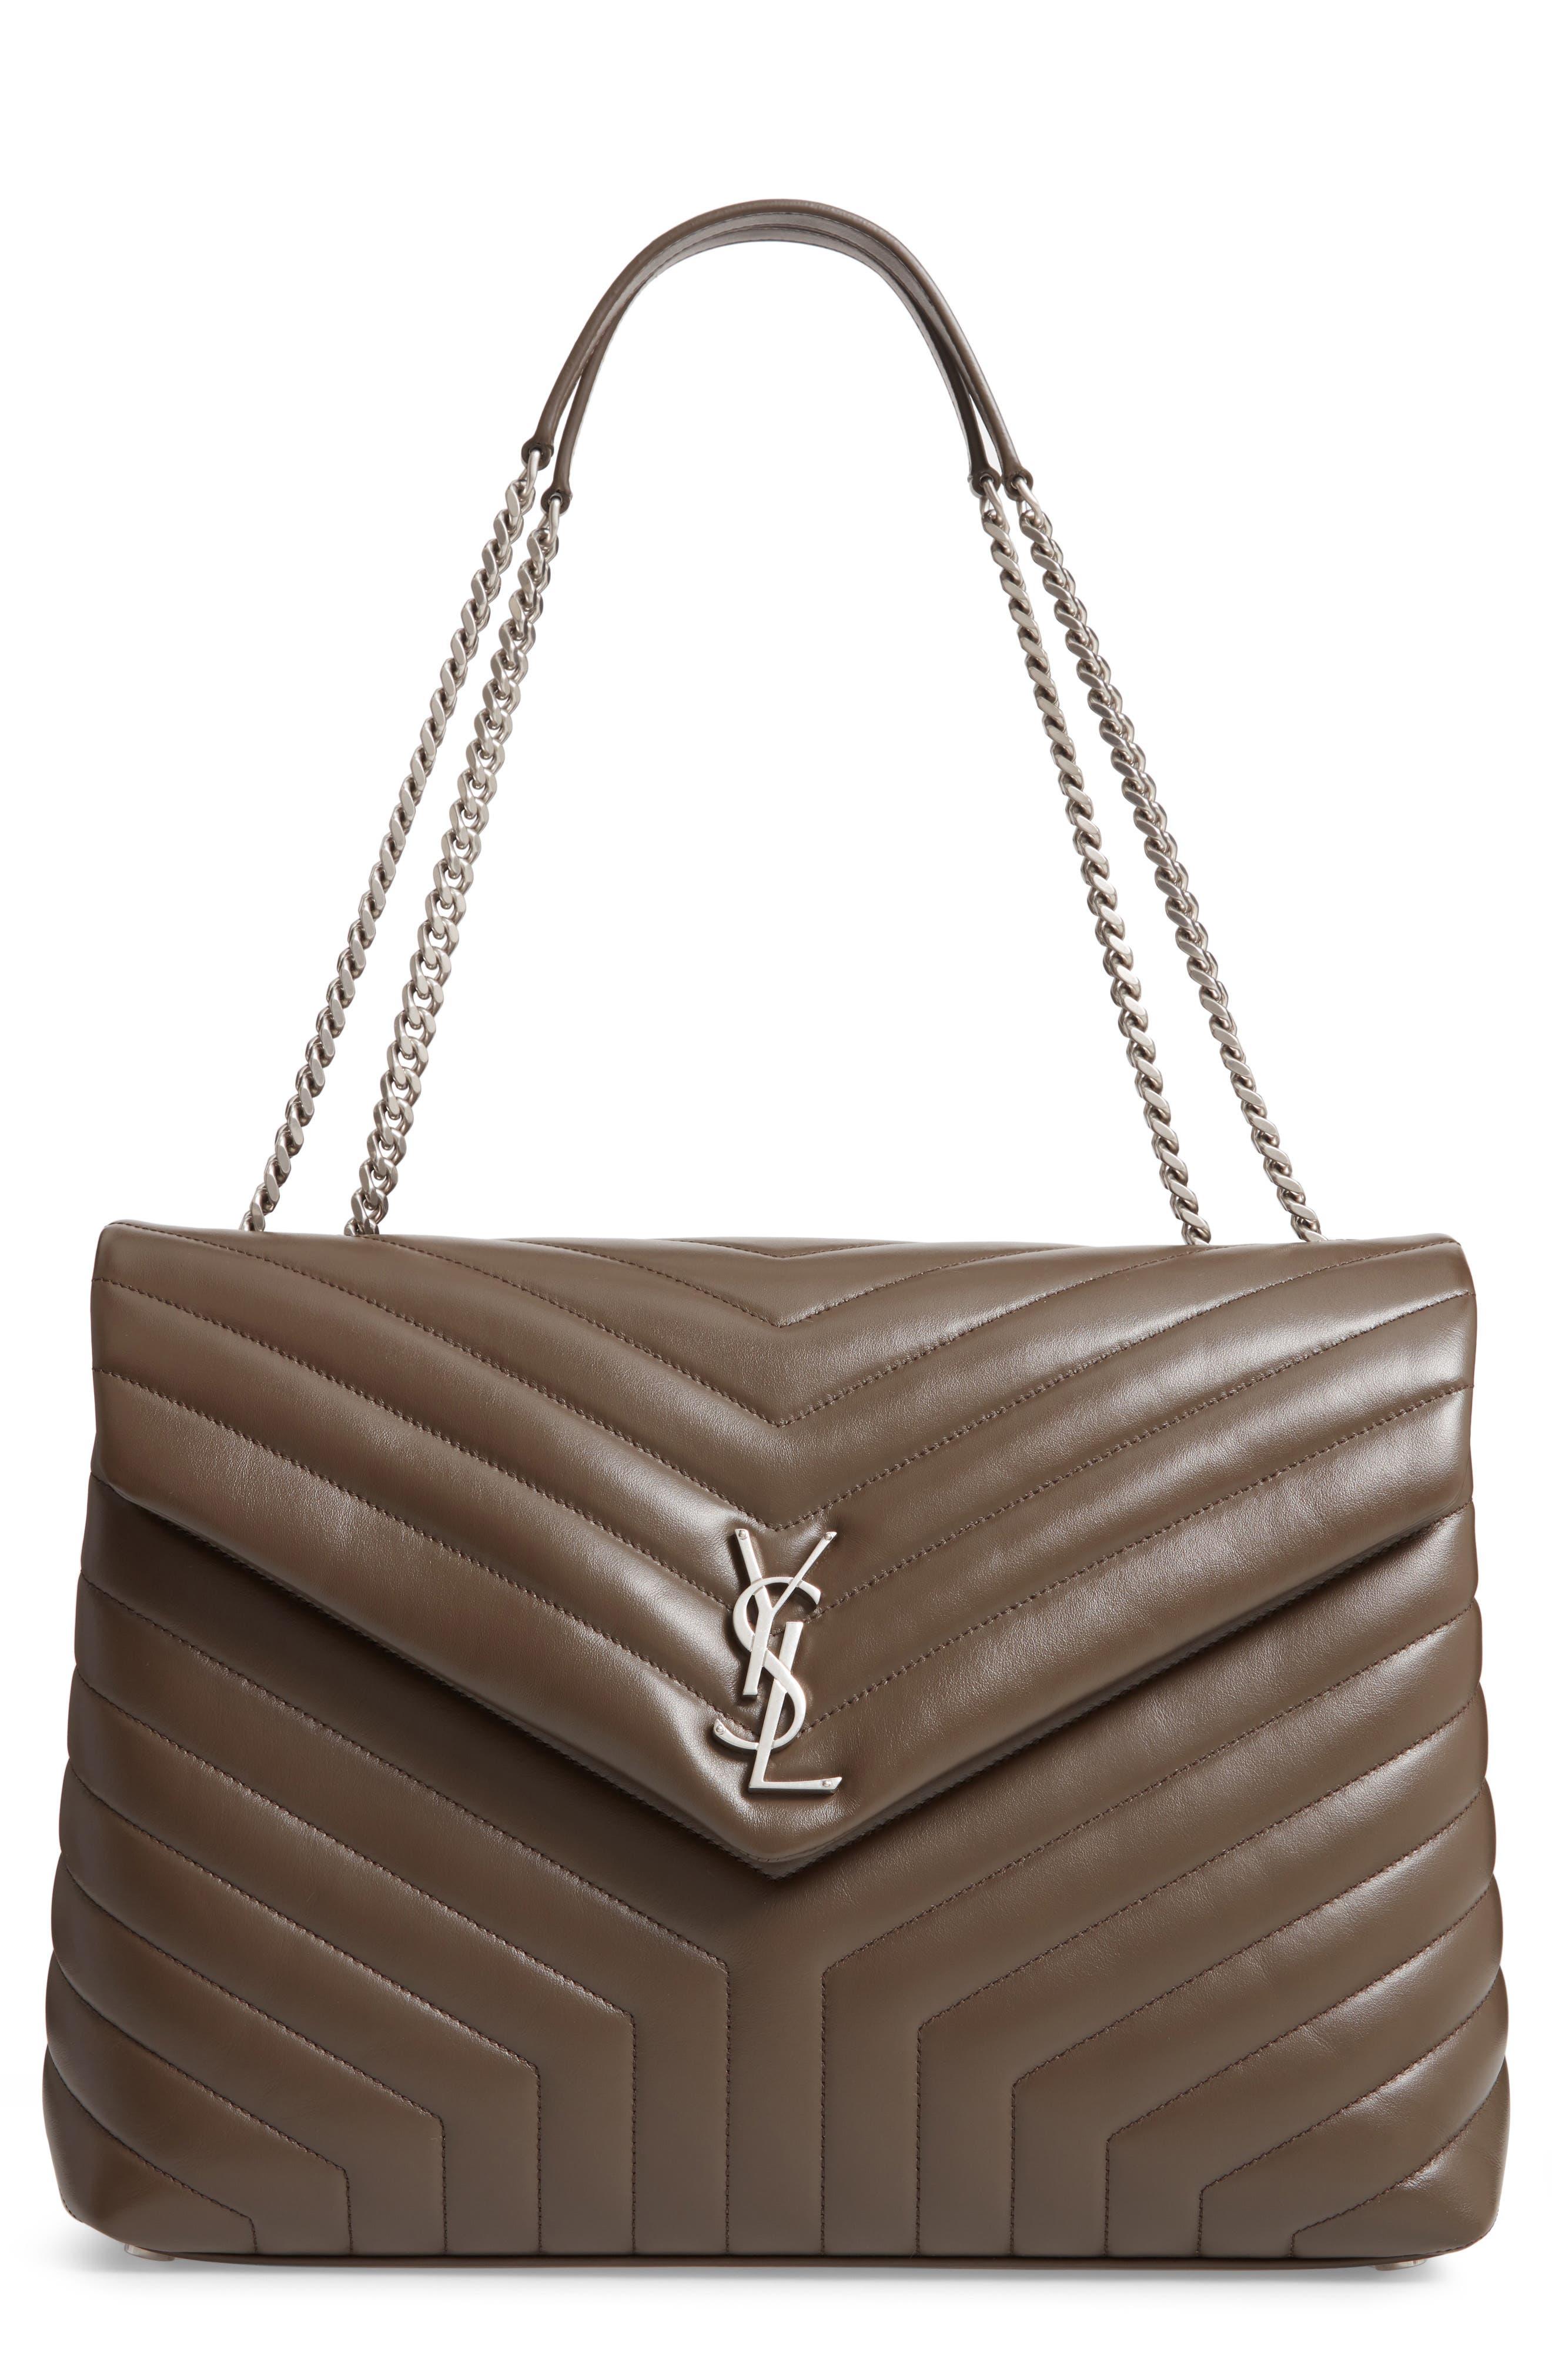 SAINT LAURENT Large Loulou Matelassé Leather Shoulder Bag, Main, color, FAGGIO/ FAGGIO